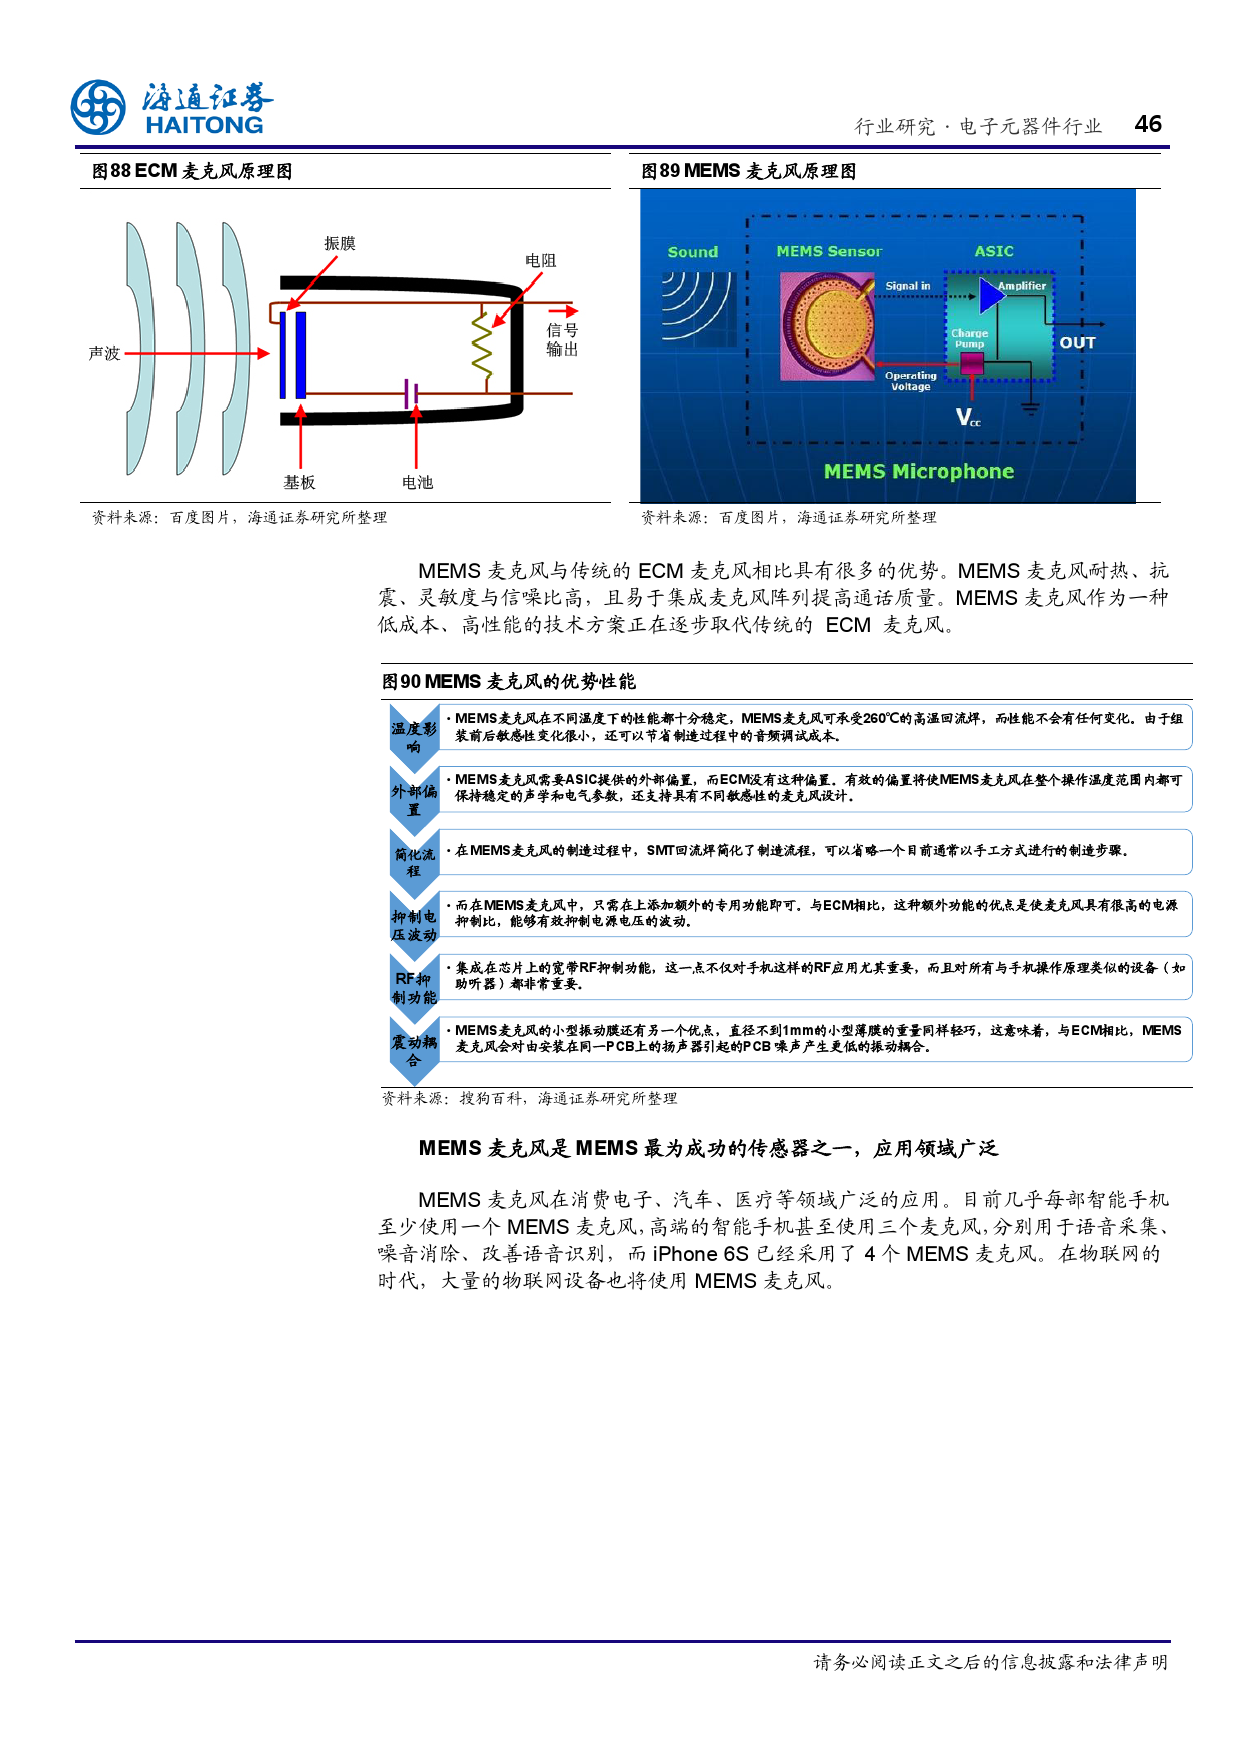 报告全解传感器全球产业链_000046